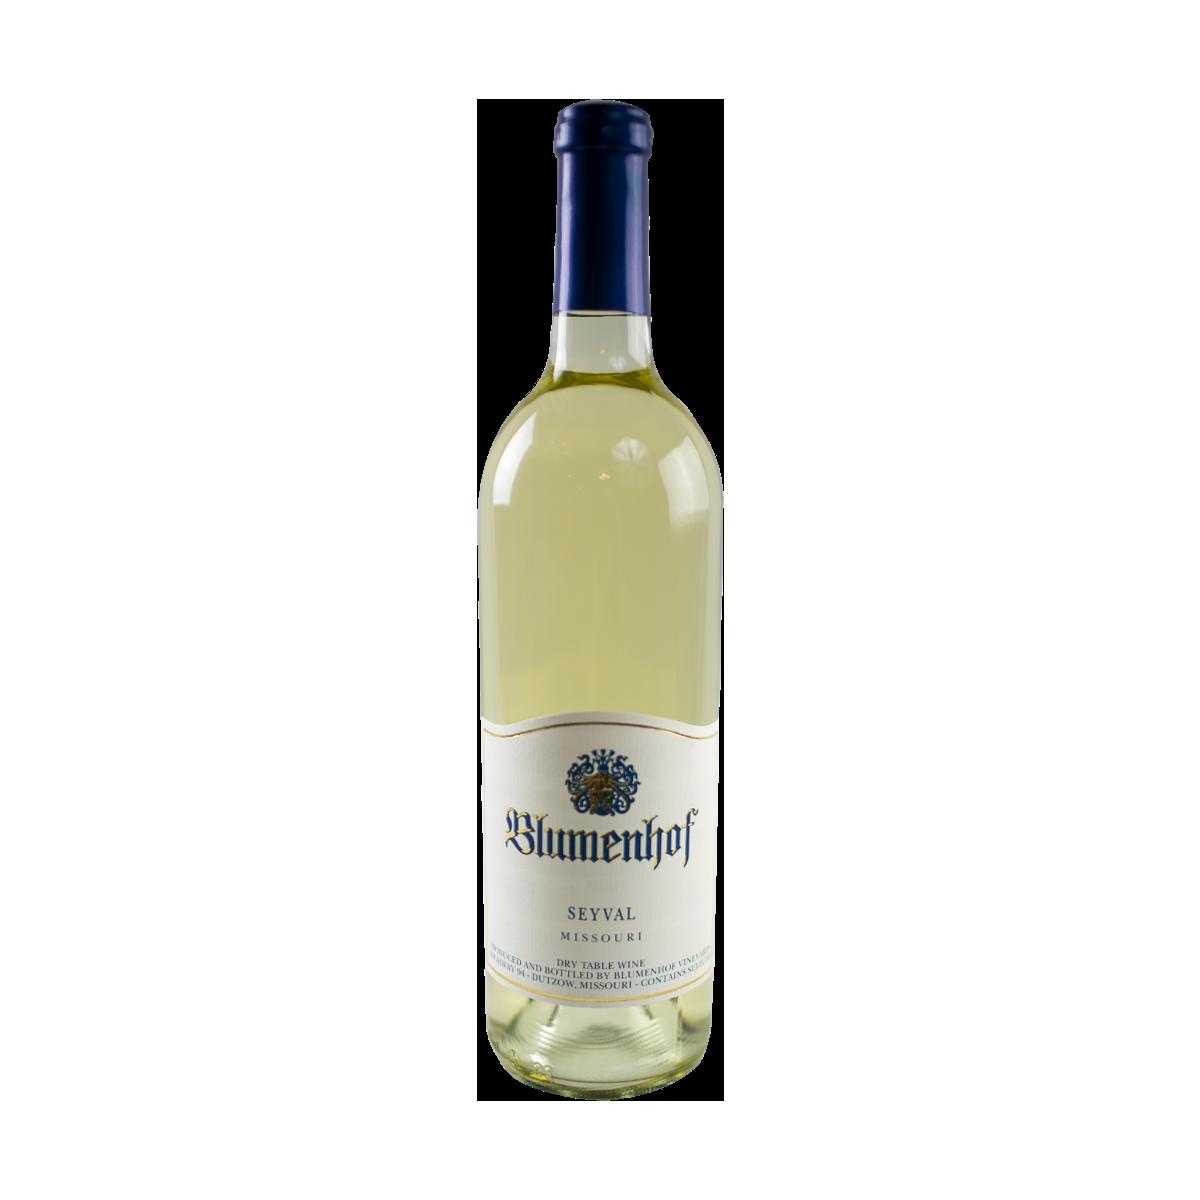 Bottle of Blumenhof Seyval